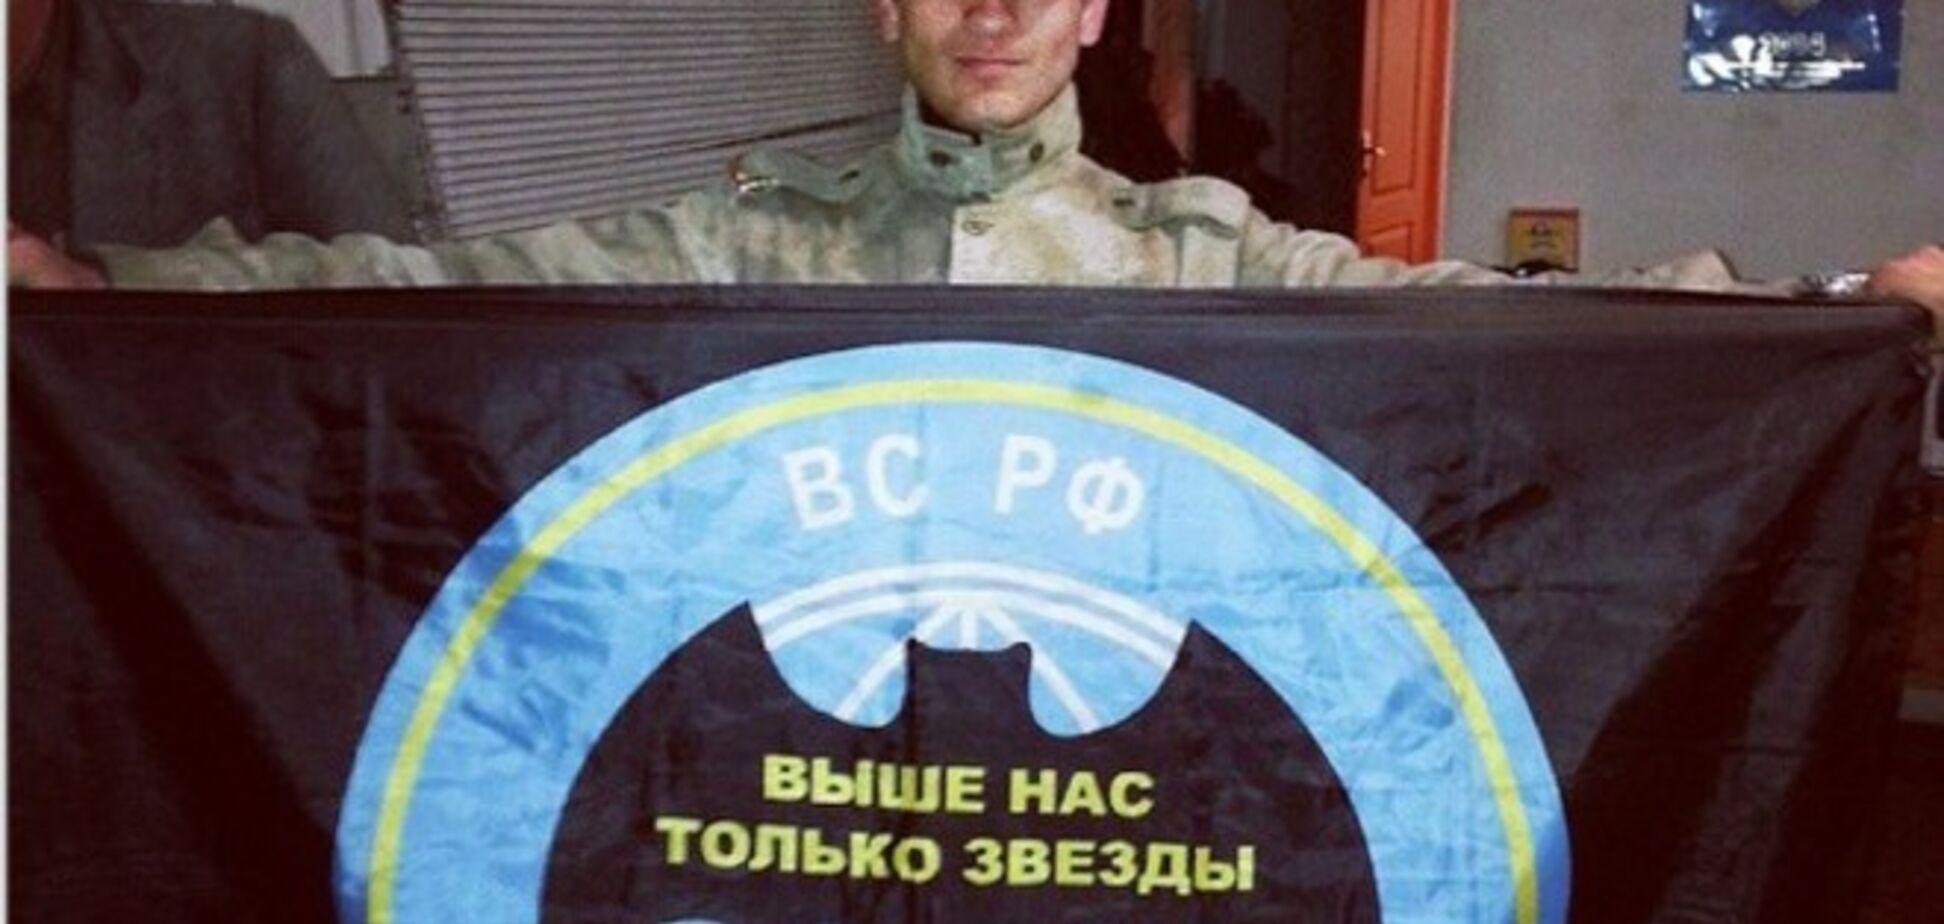 Они заблудились: диверсионно-разведывательная группа 'Рязань' не скрывает своего участия в войне против Украины